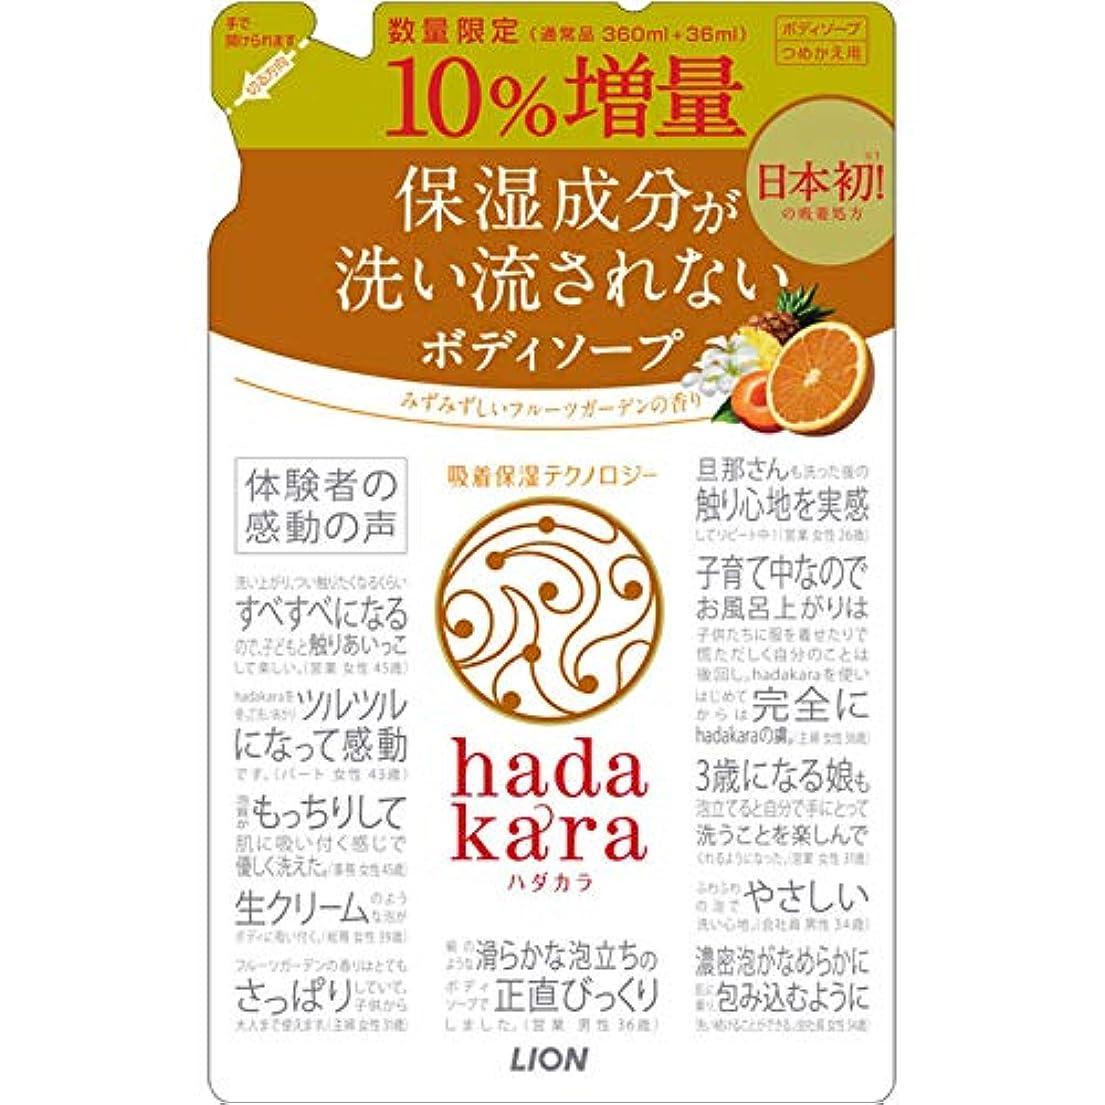 チャーム魔術火星【数量限定】hadakara(ハダカラ) ボディソープ フルーツガーデンの香り つめかえ用 10%増量 396ml